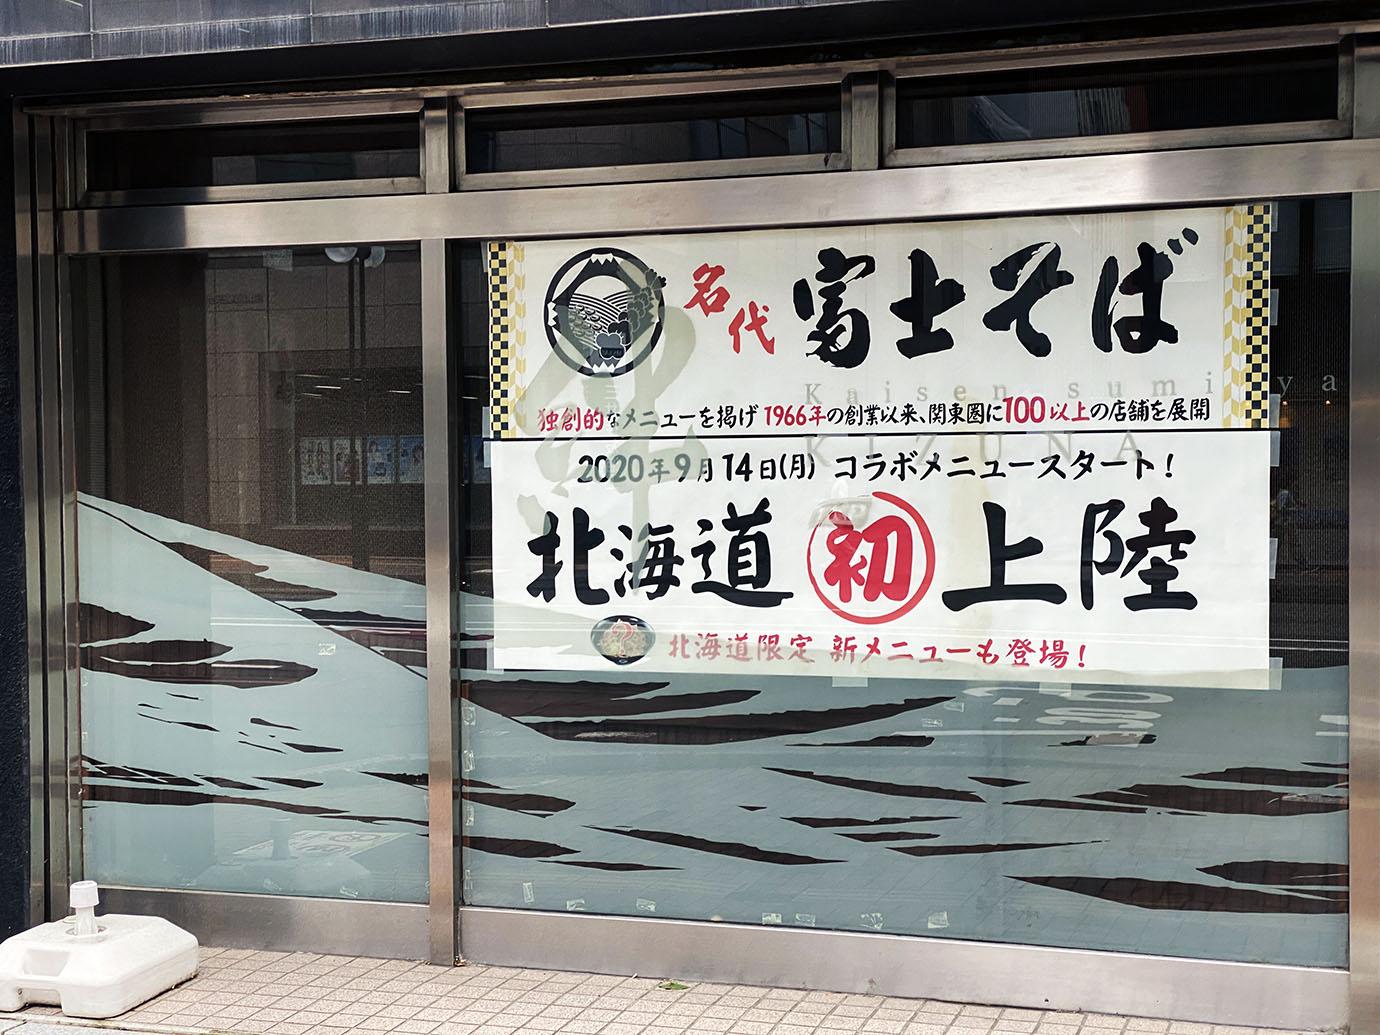 fujisoba-hokkaido-sapporo2